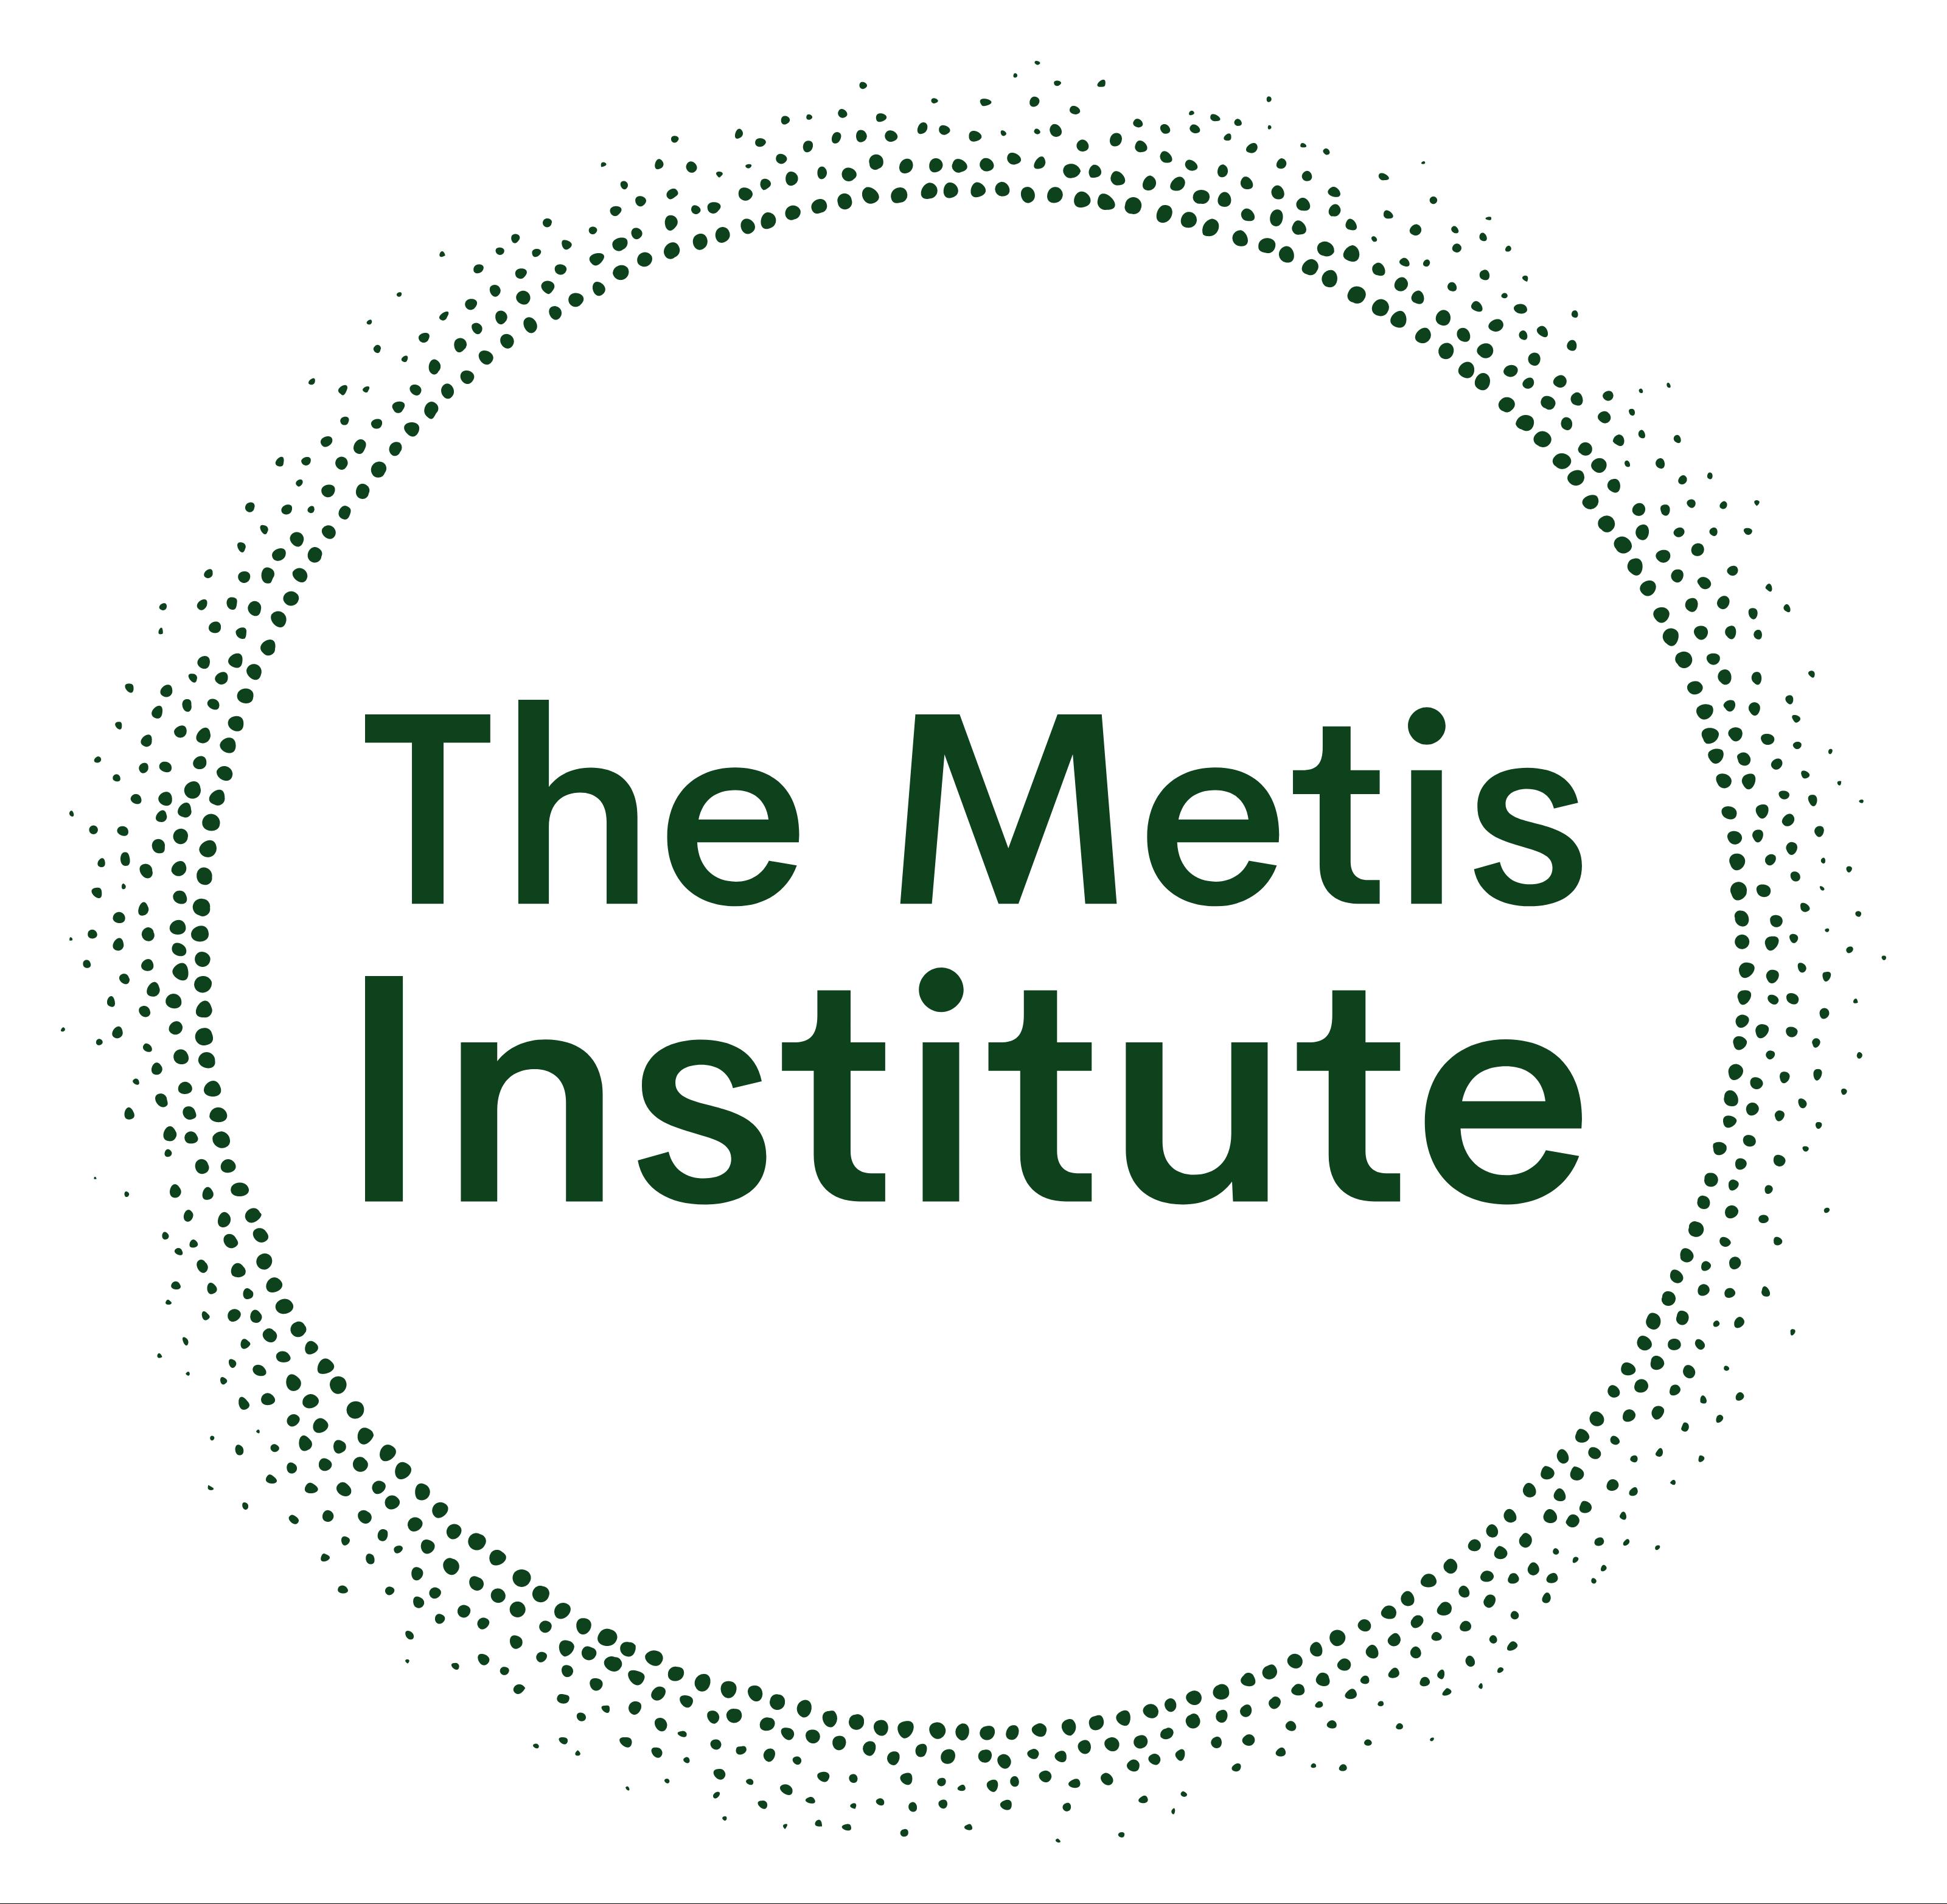 The Metis Institute